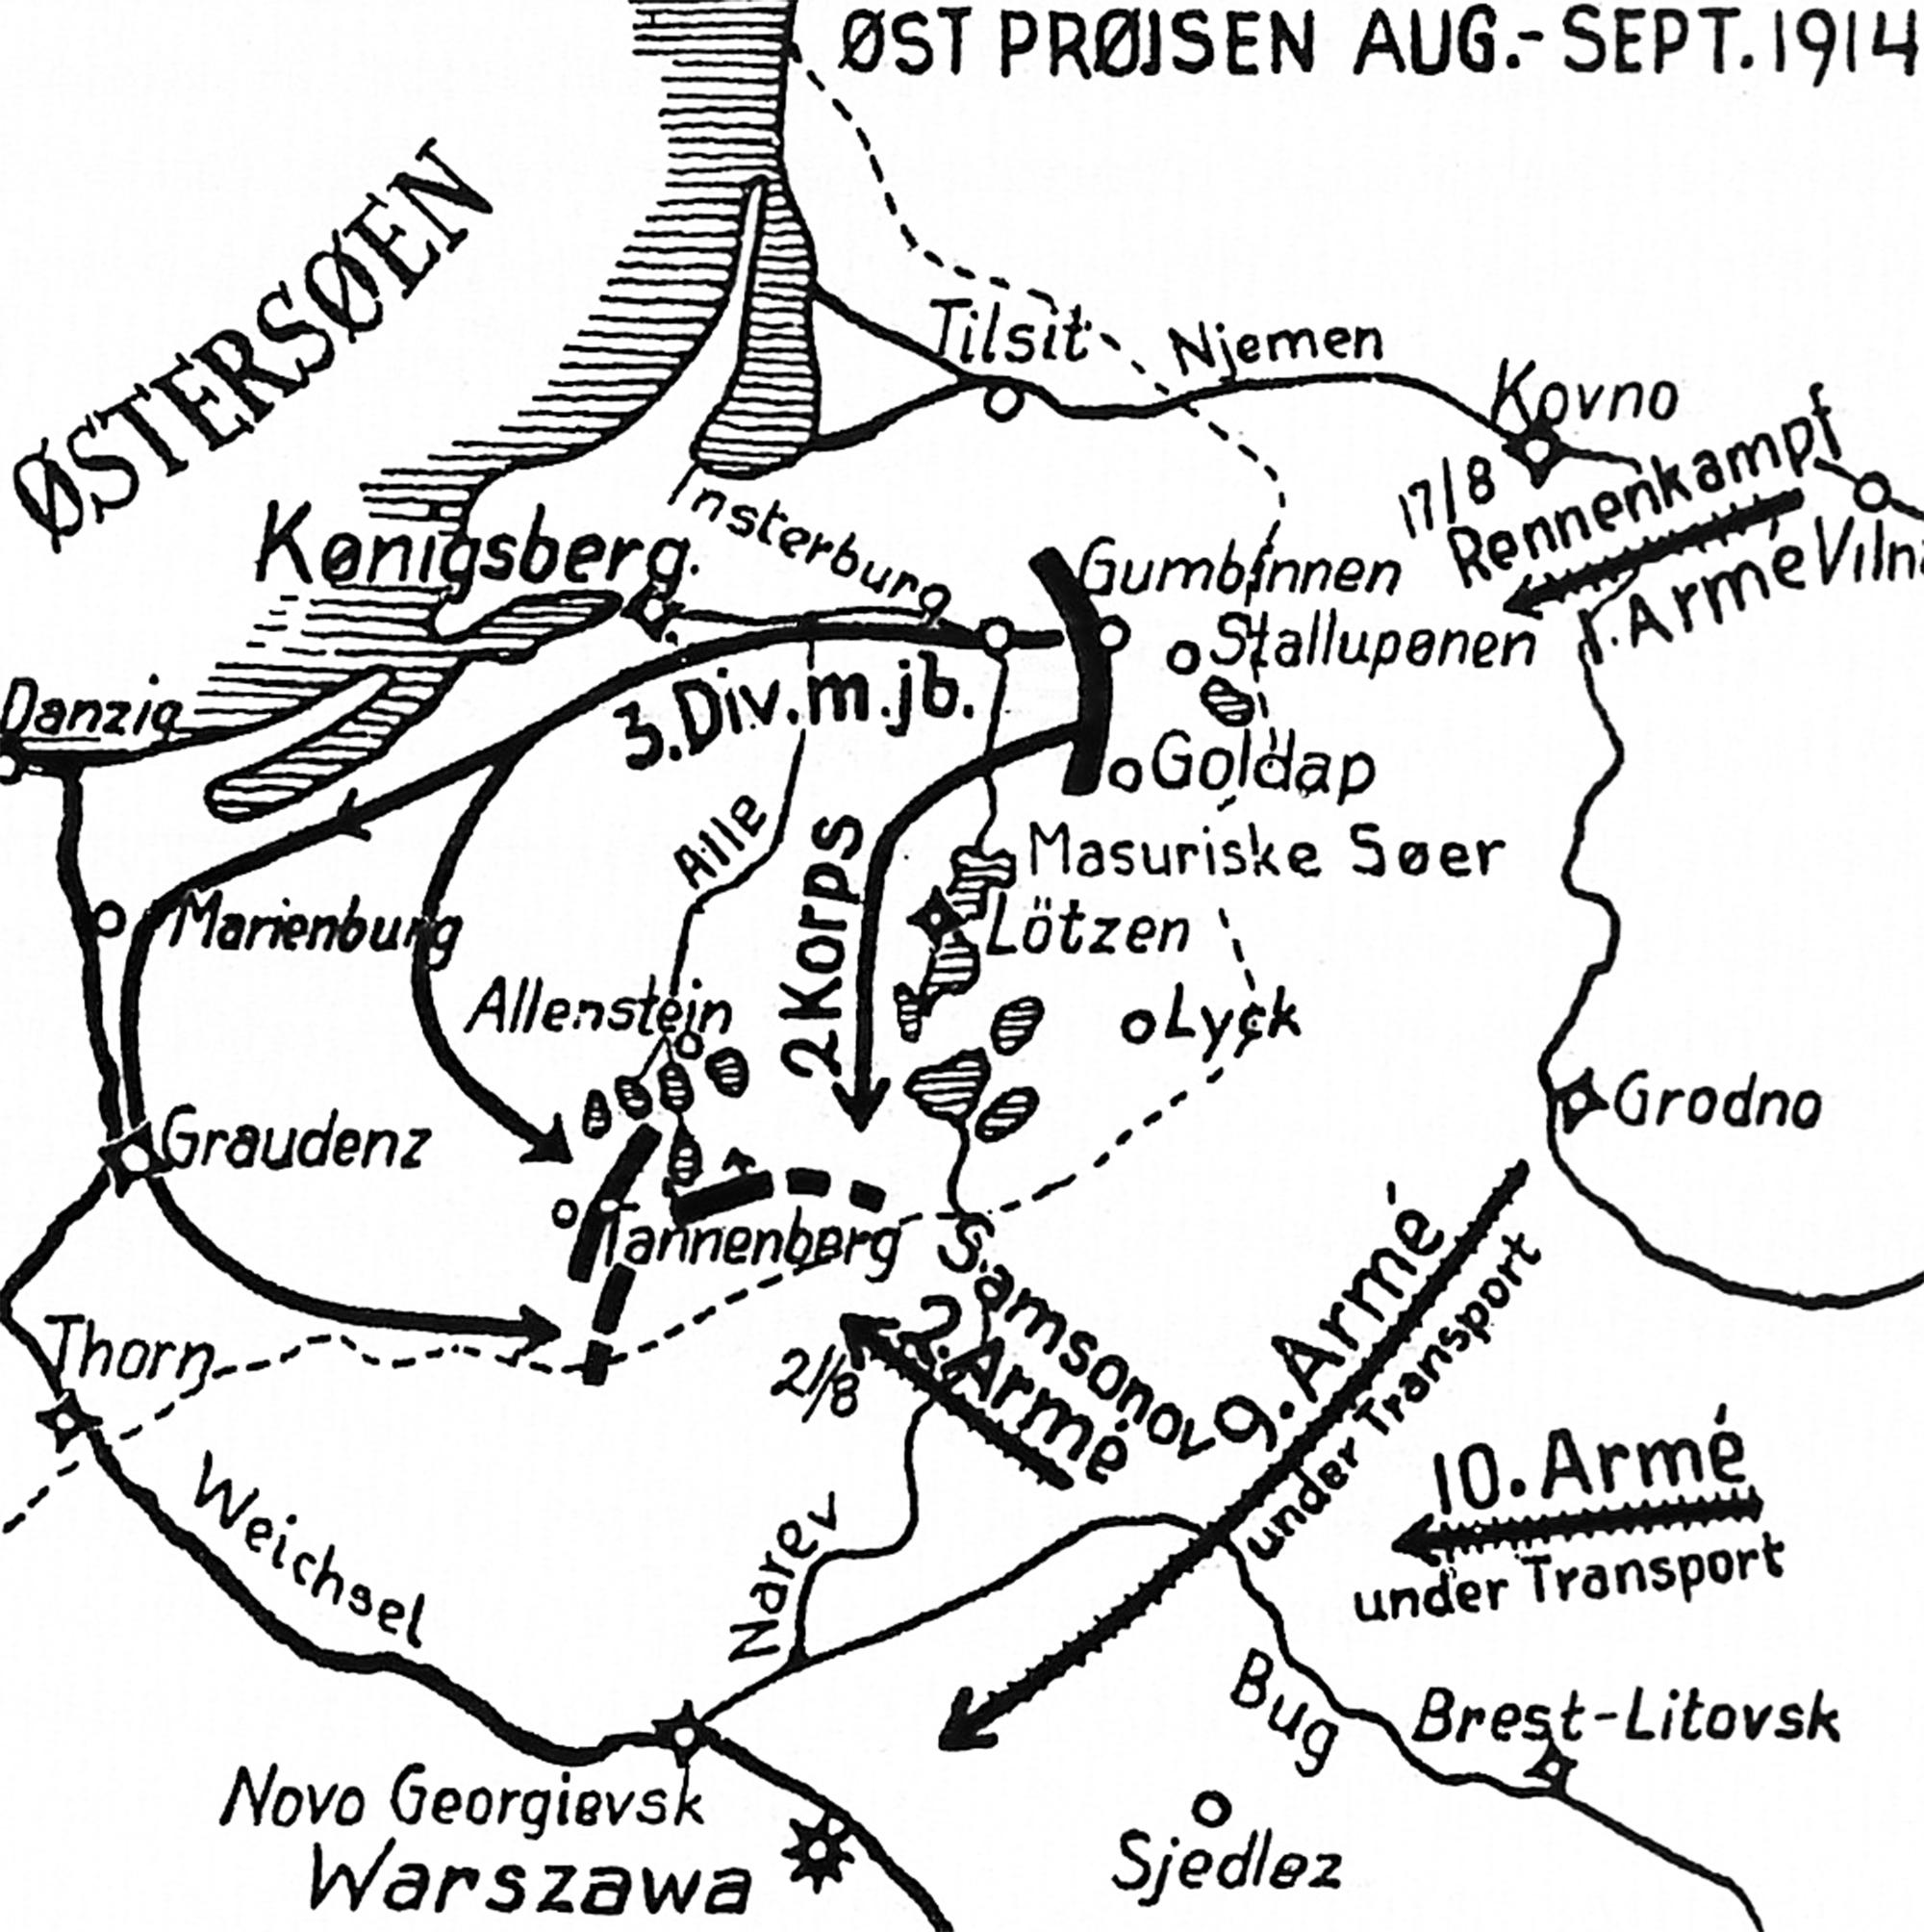 Oversigt Over Krigens Vigtigste Slag Med Kort Den Store Krig